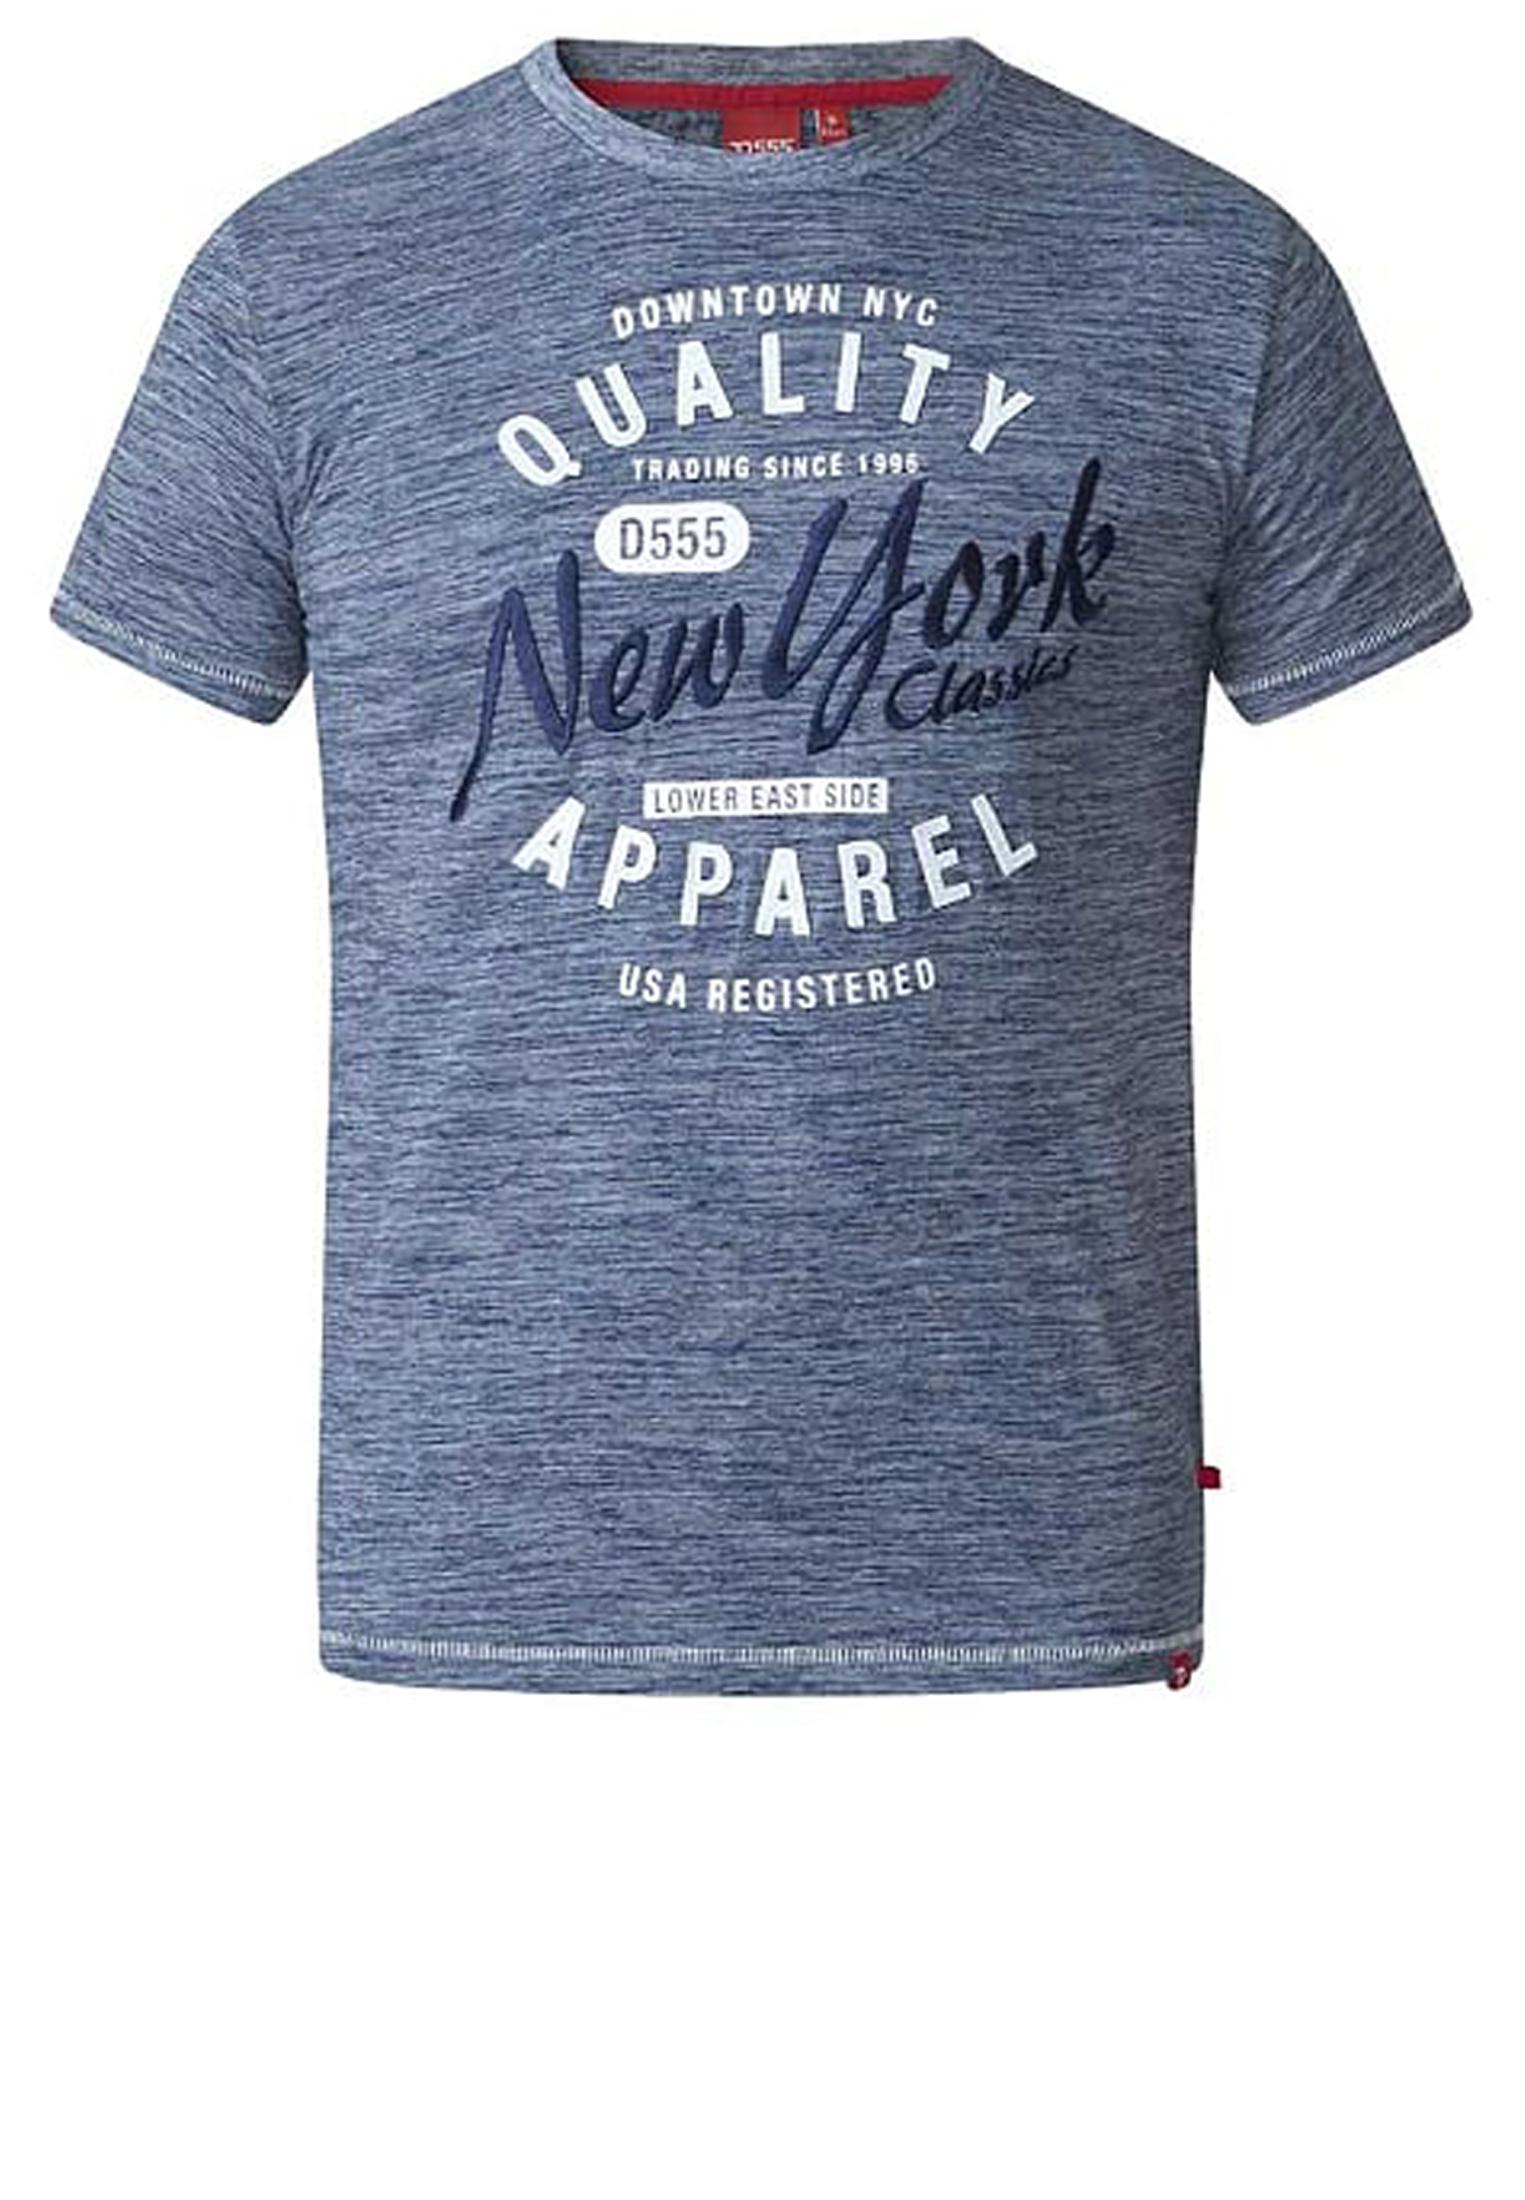 Erg leuk denim blauw t-shirt van D555 met een grote print op de voorkant en ronde hals. Dit shirt is ideaal te combineren met diverse soorten jeans. Voor de koudere seizoenen is dit t-shirt leuk te dragen onder een vest of colbert.